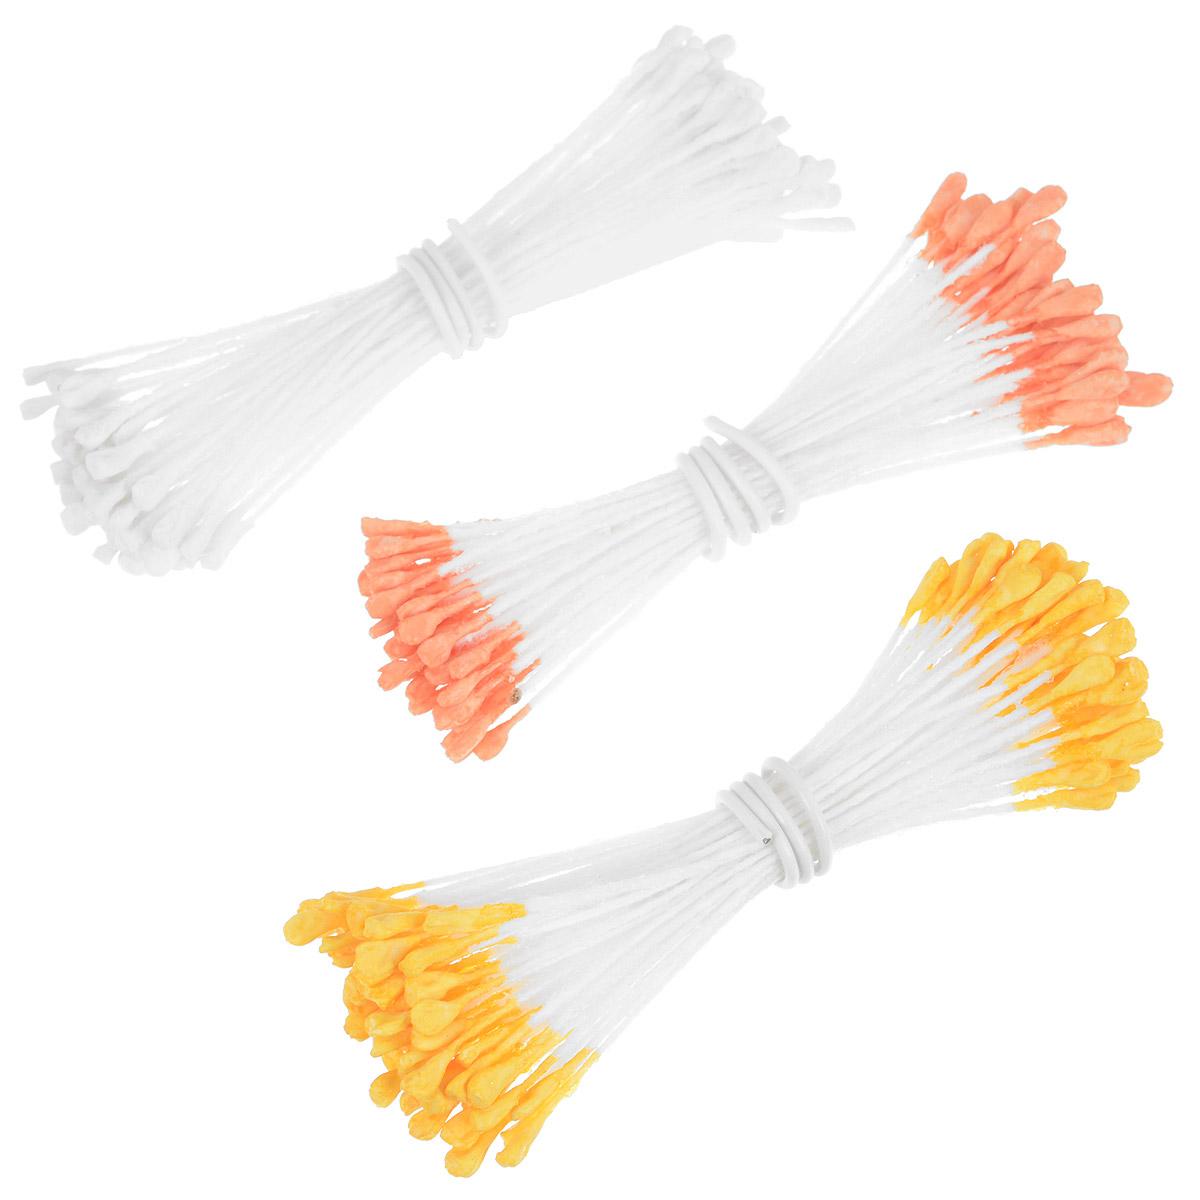 Набор цветных тычинок Wilton, цвет: белый, желтый, оранжевый, 30 штWLT-1005-4452Набор Wilton состоит из 30 специальных тычинок для кондитерского творчества, изготовленных из ткани и металла. Используются при изготовлении съедобных цветов (из глазури-айсинга или мастики). В наборе 3 вида тычинок (по 10 штук): белые, желтые, оранжевые. Изделия предназначены для одноразового использования. Завершите ваши съедобные цветы такими натуральными на вид тычинками! Длина тычинки: 5,4 см.